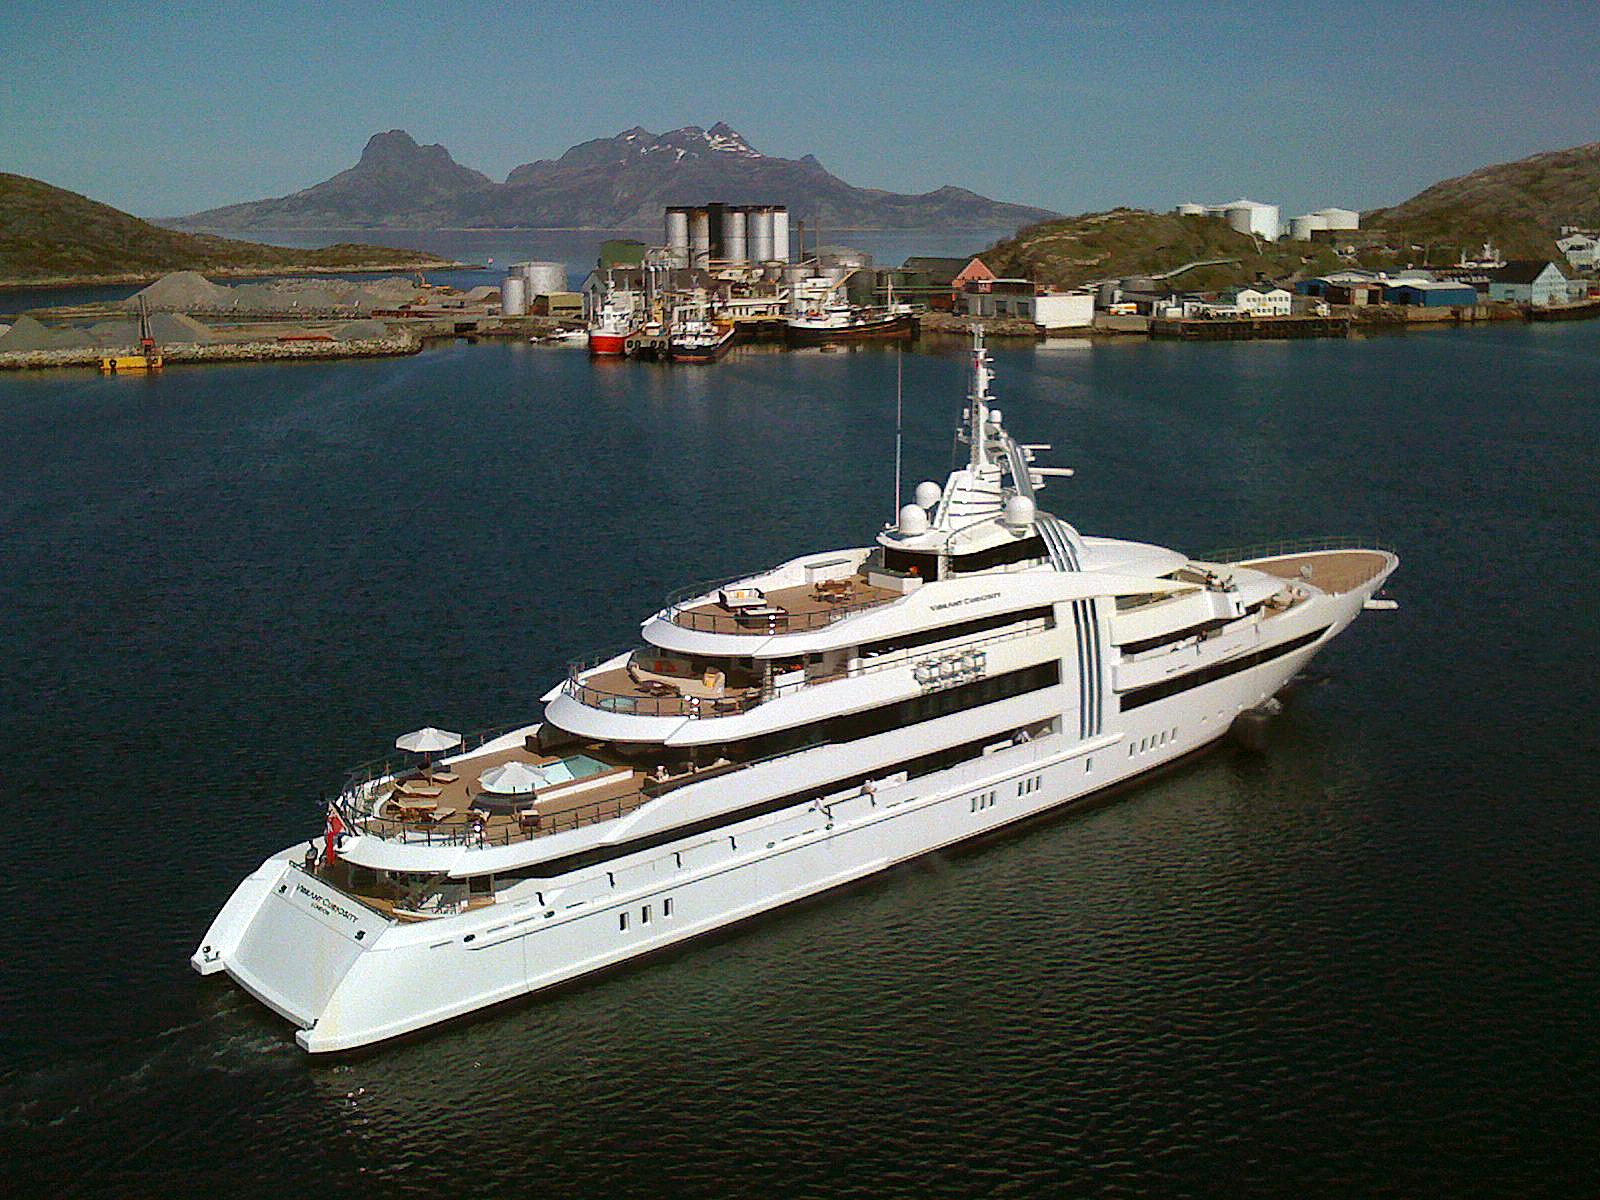 Megayacht VIBRANT CURIOSITY